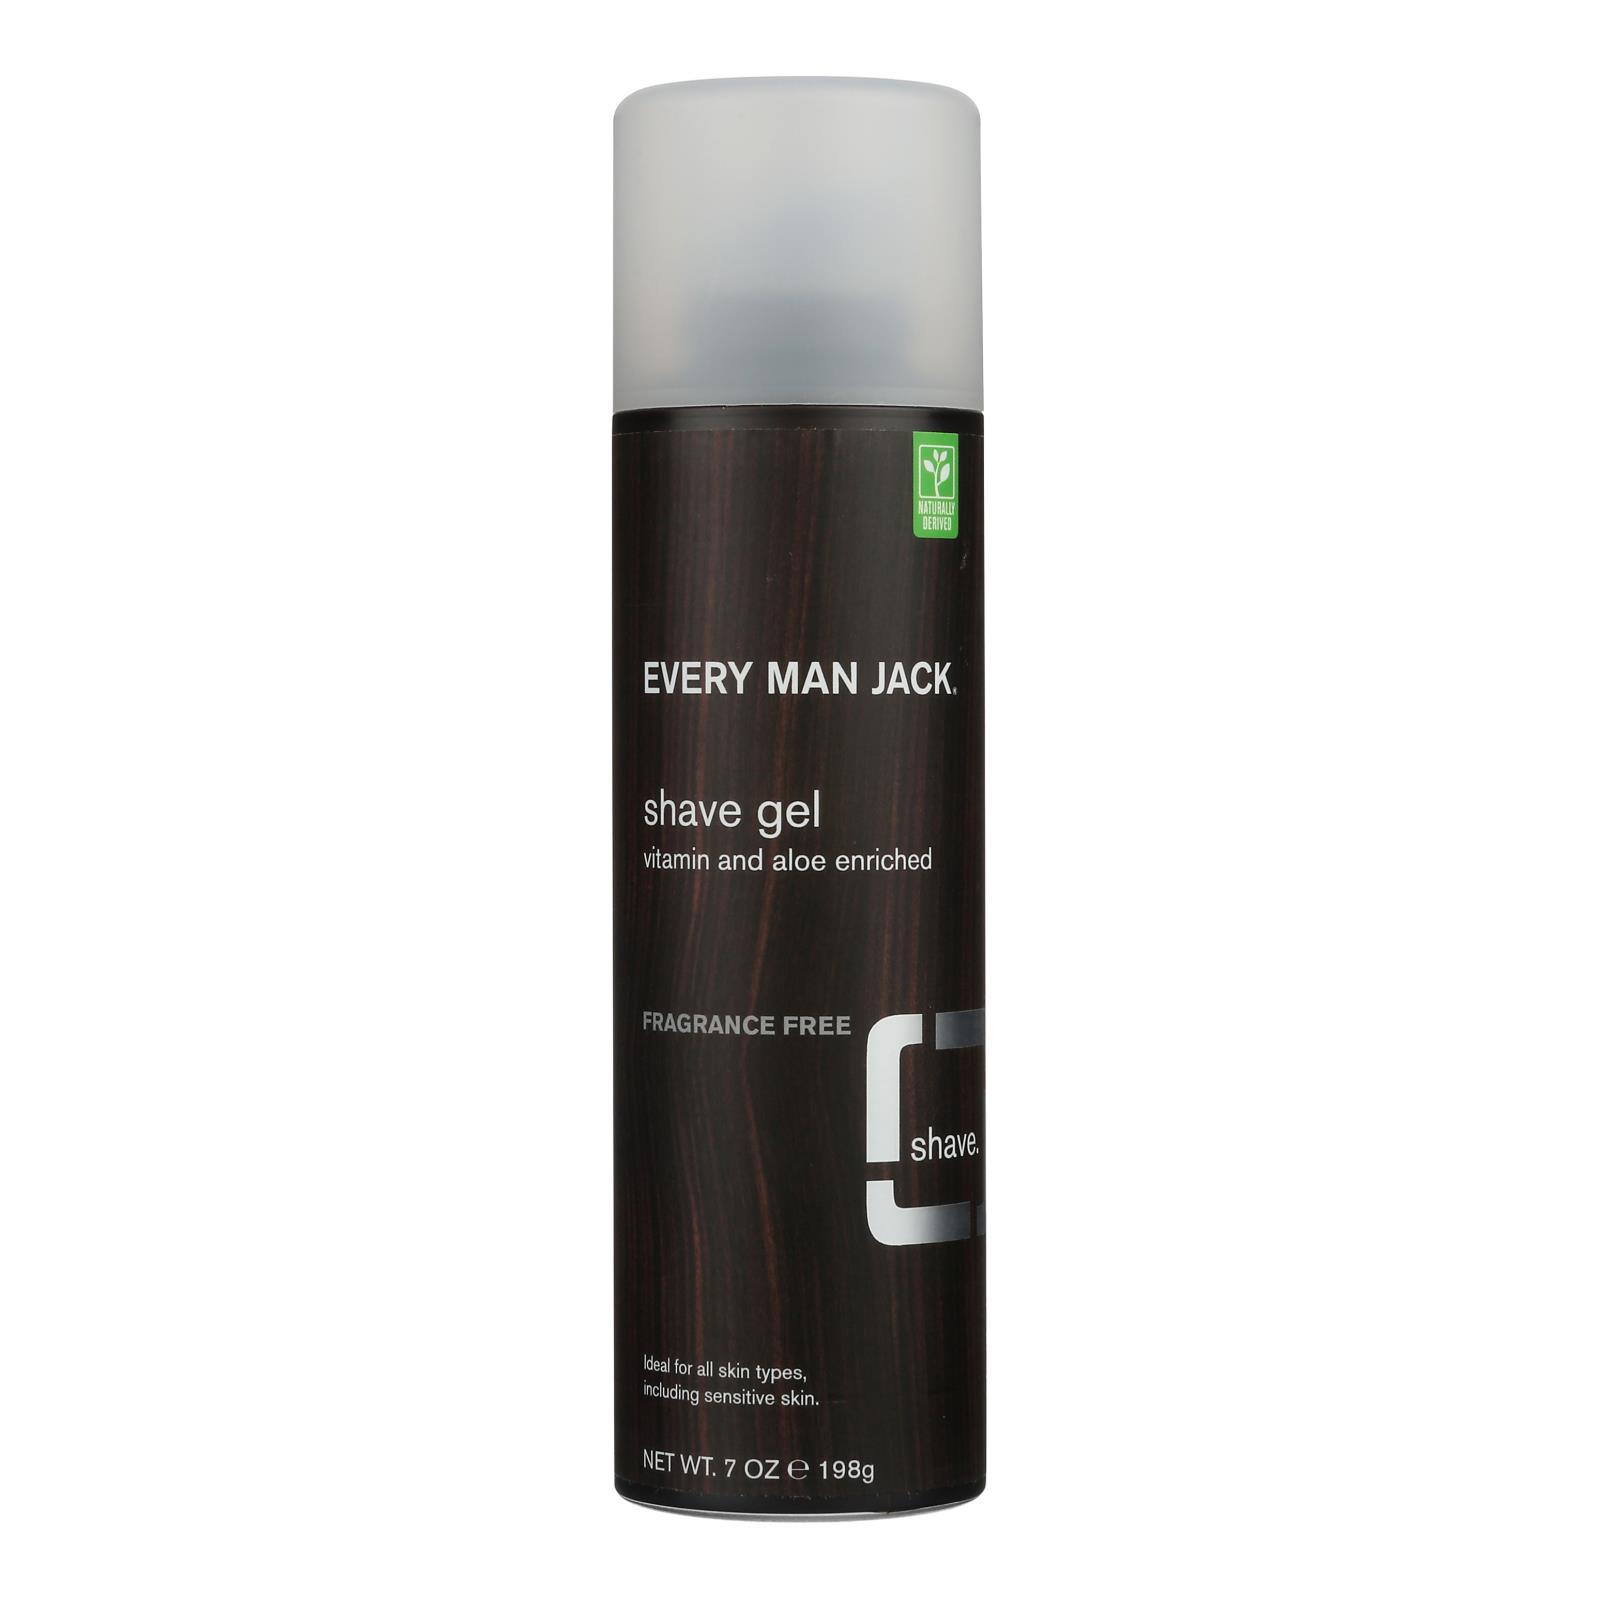 Every Man Jack Shave Gel - Sensitive Skin - Fragrance Free - 7 oz